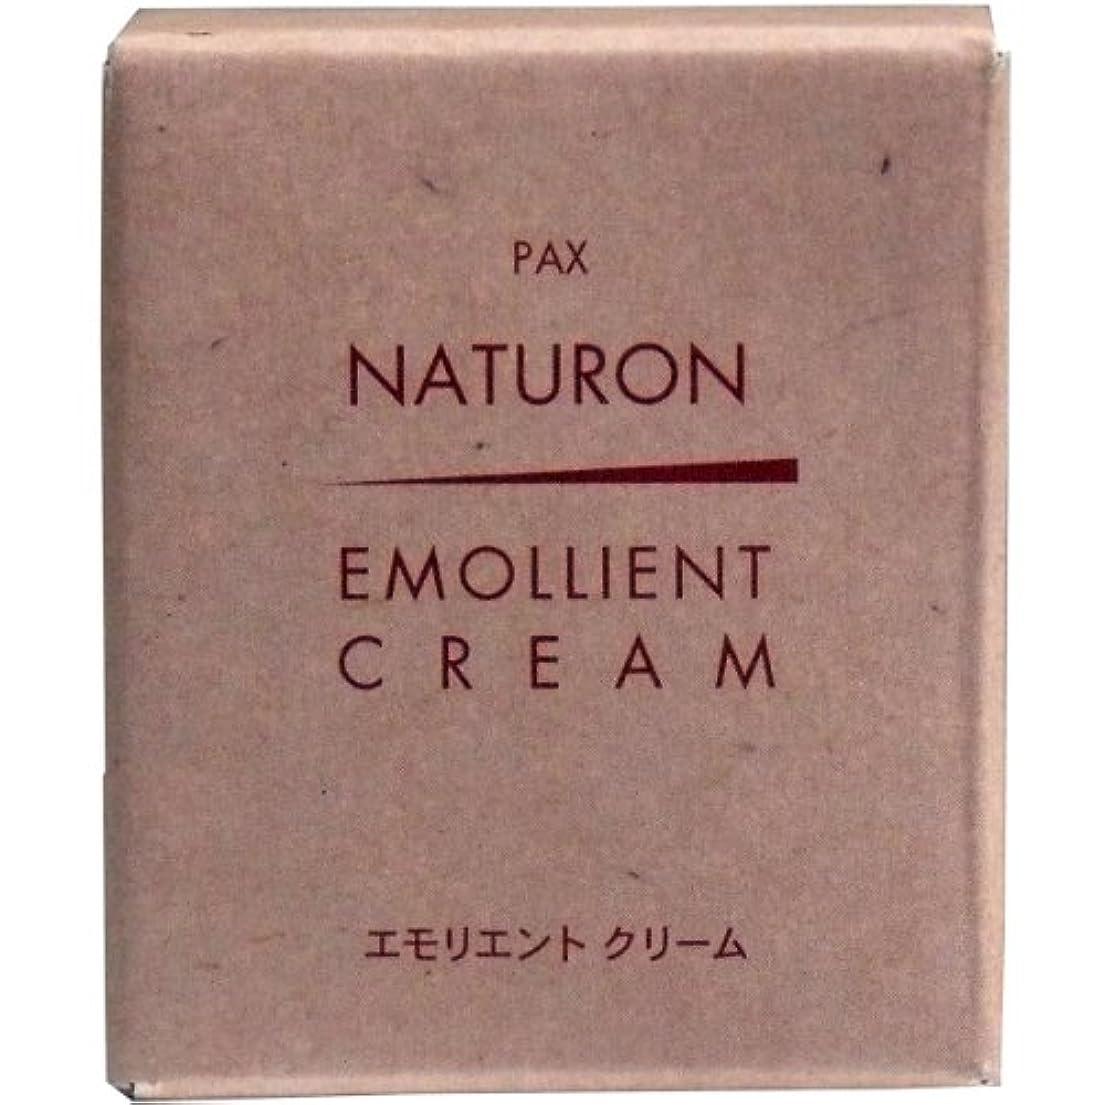 医薬品困難噴火【セット品】パックスナチュロン エモリエントクリーム (保湿クリーム) 35g ×3個